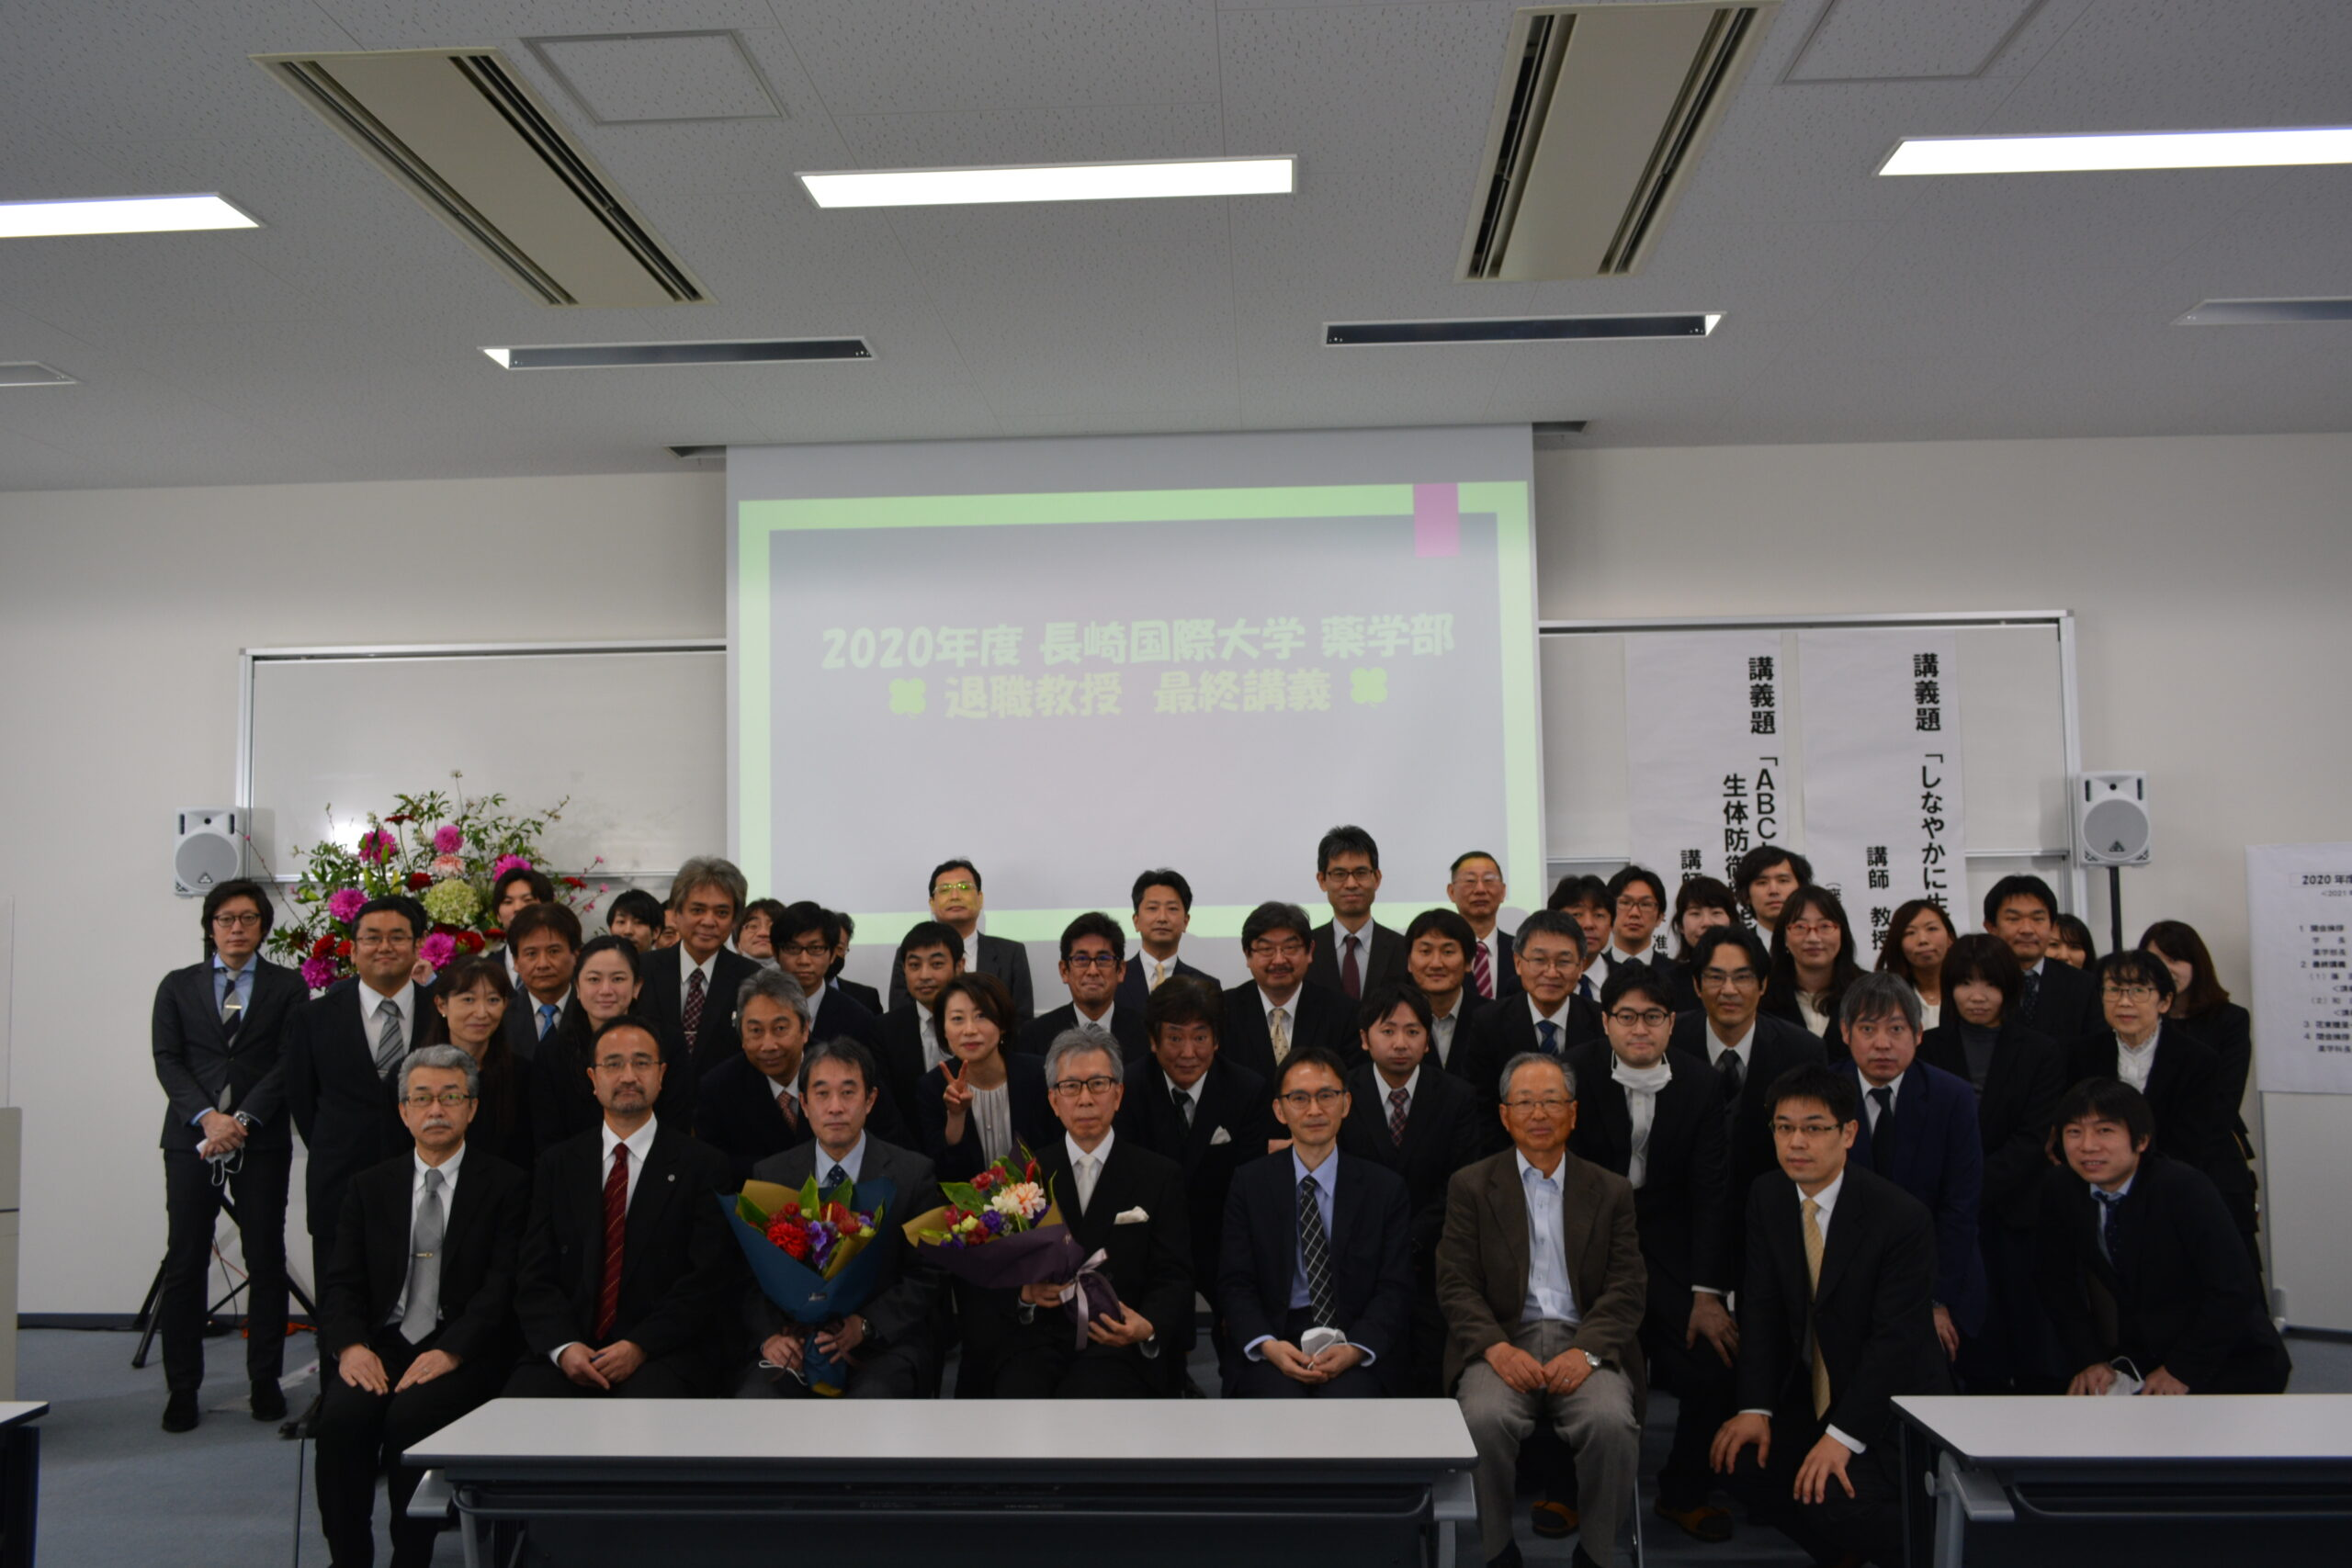 薬学部 大学 長崎 国際